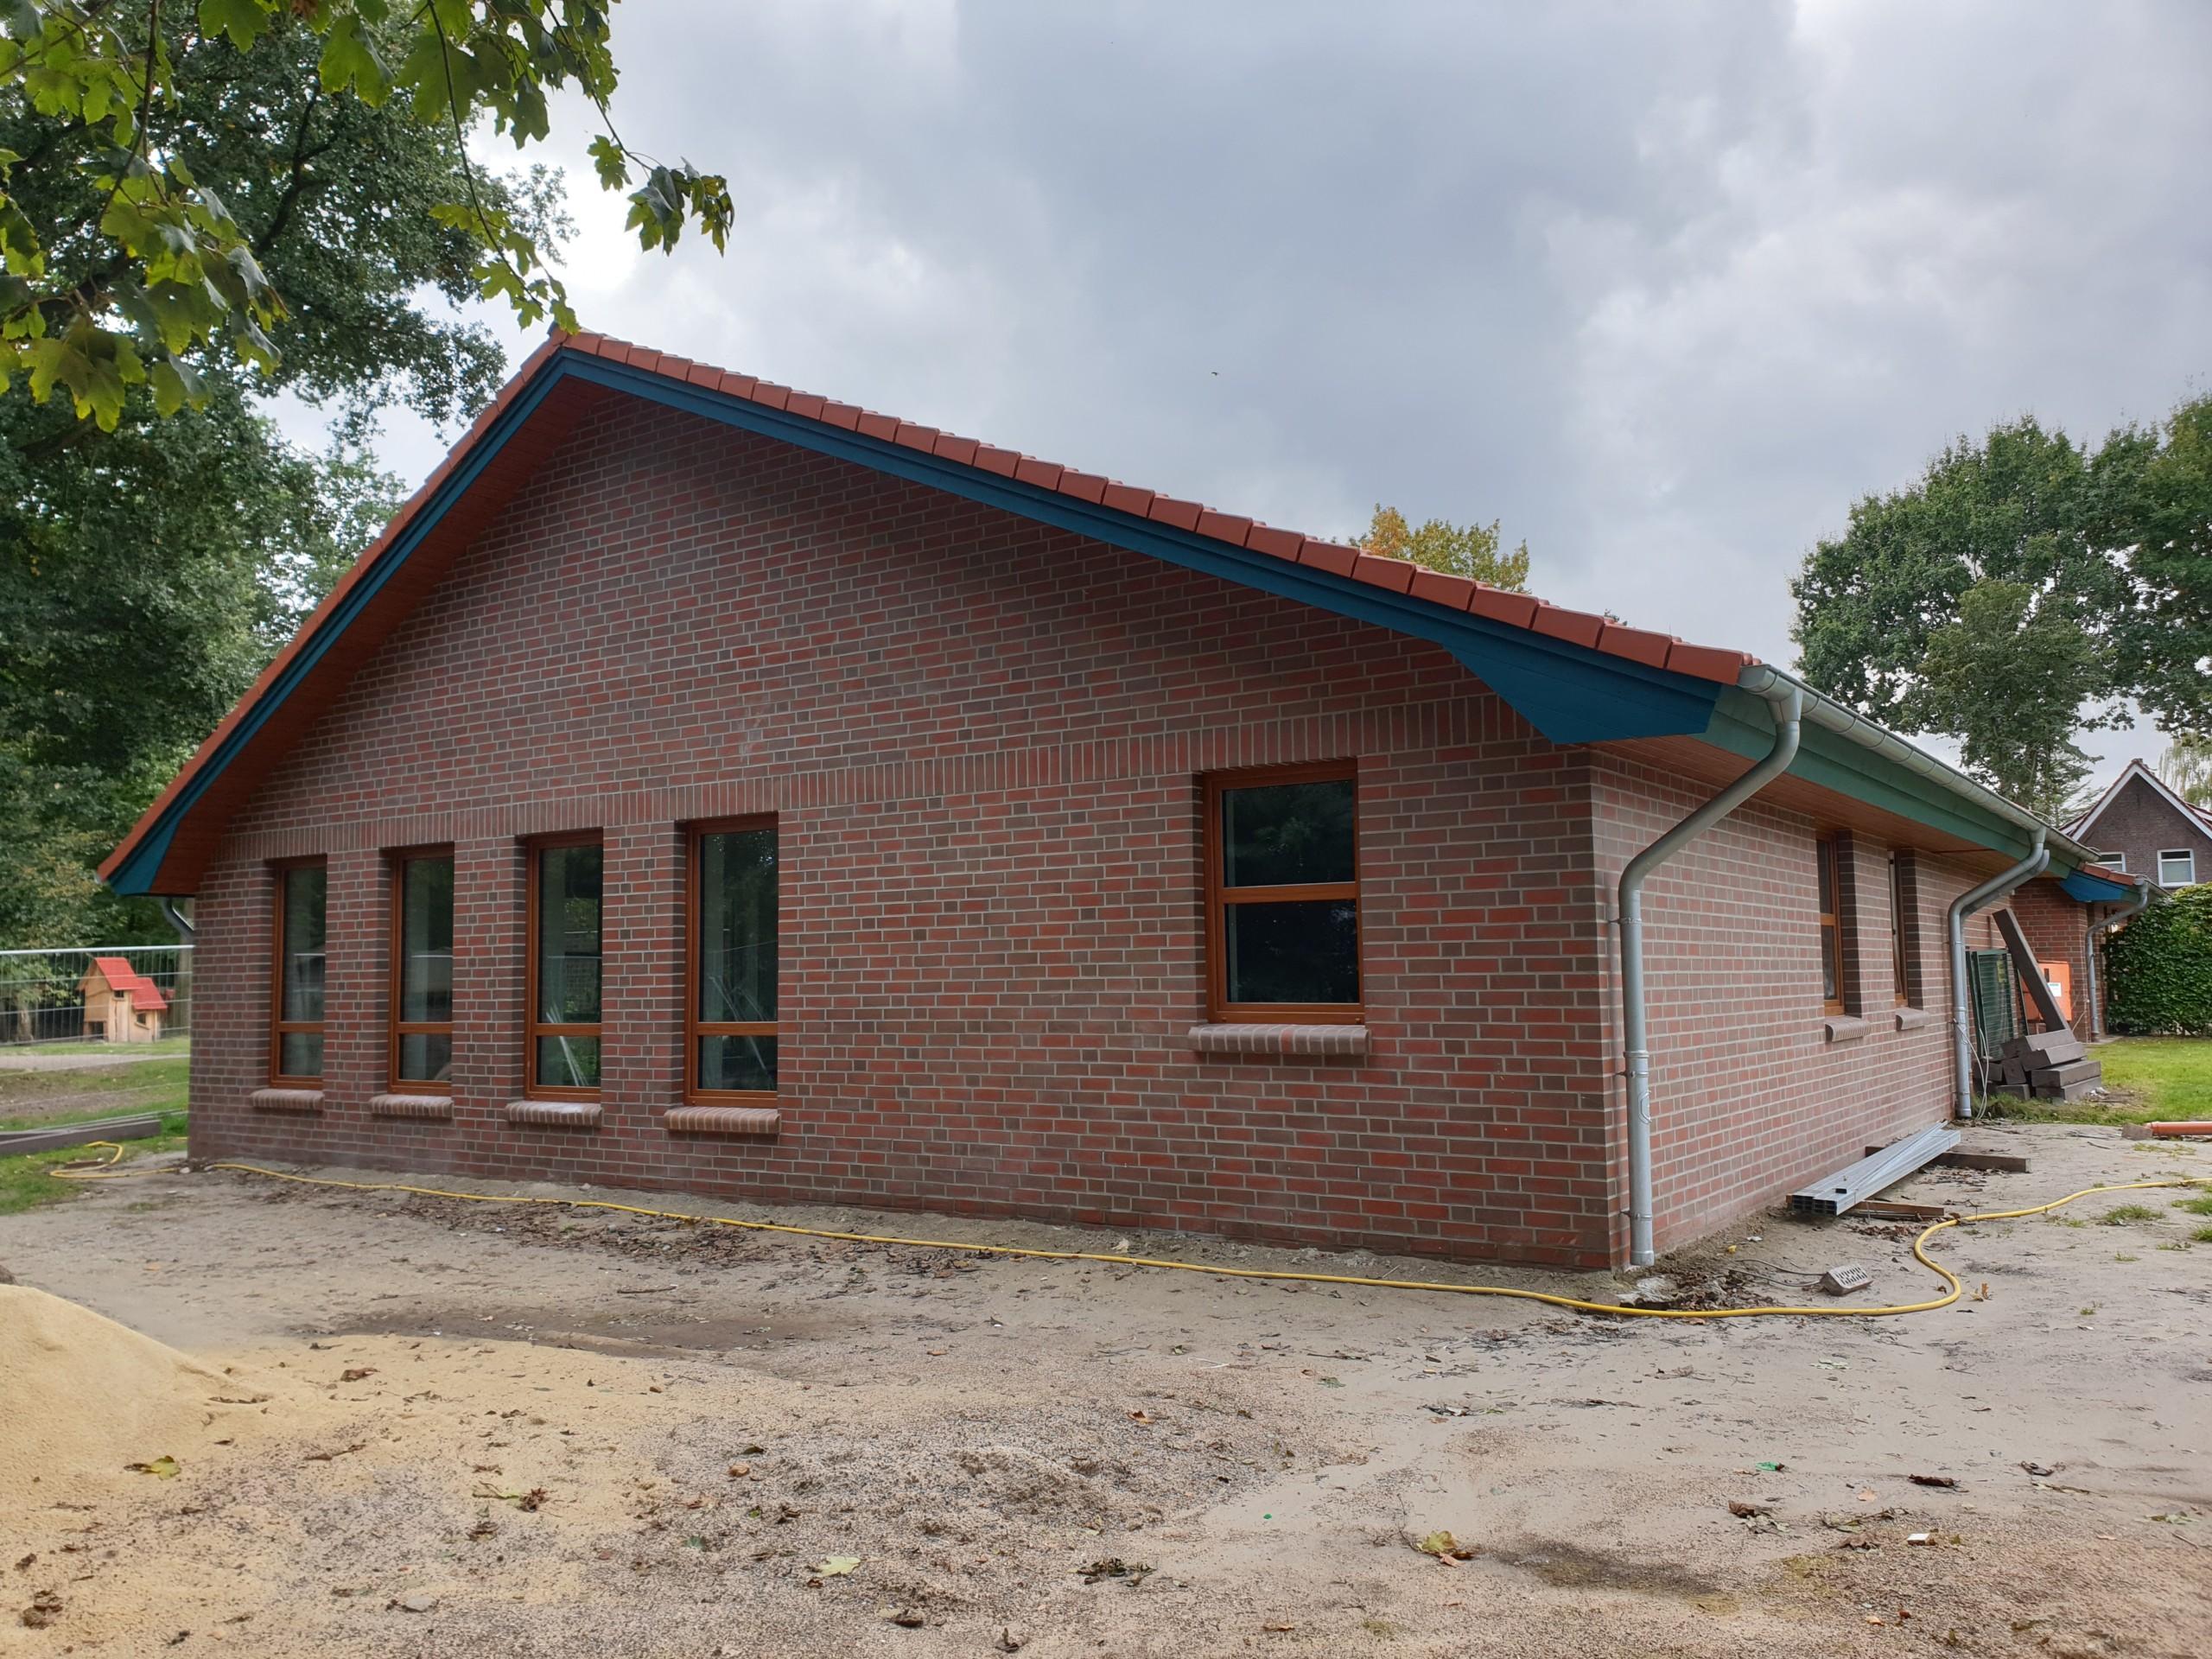 Aktueller Stand der Baumaßnahme beim Jona-Kindergarten in Elisabethfehn. Aufnahme: Peteres/Gemeinde Barßel